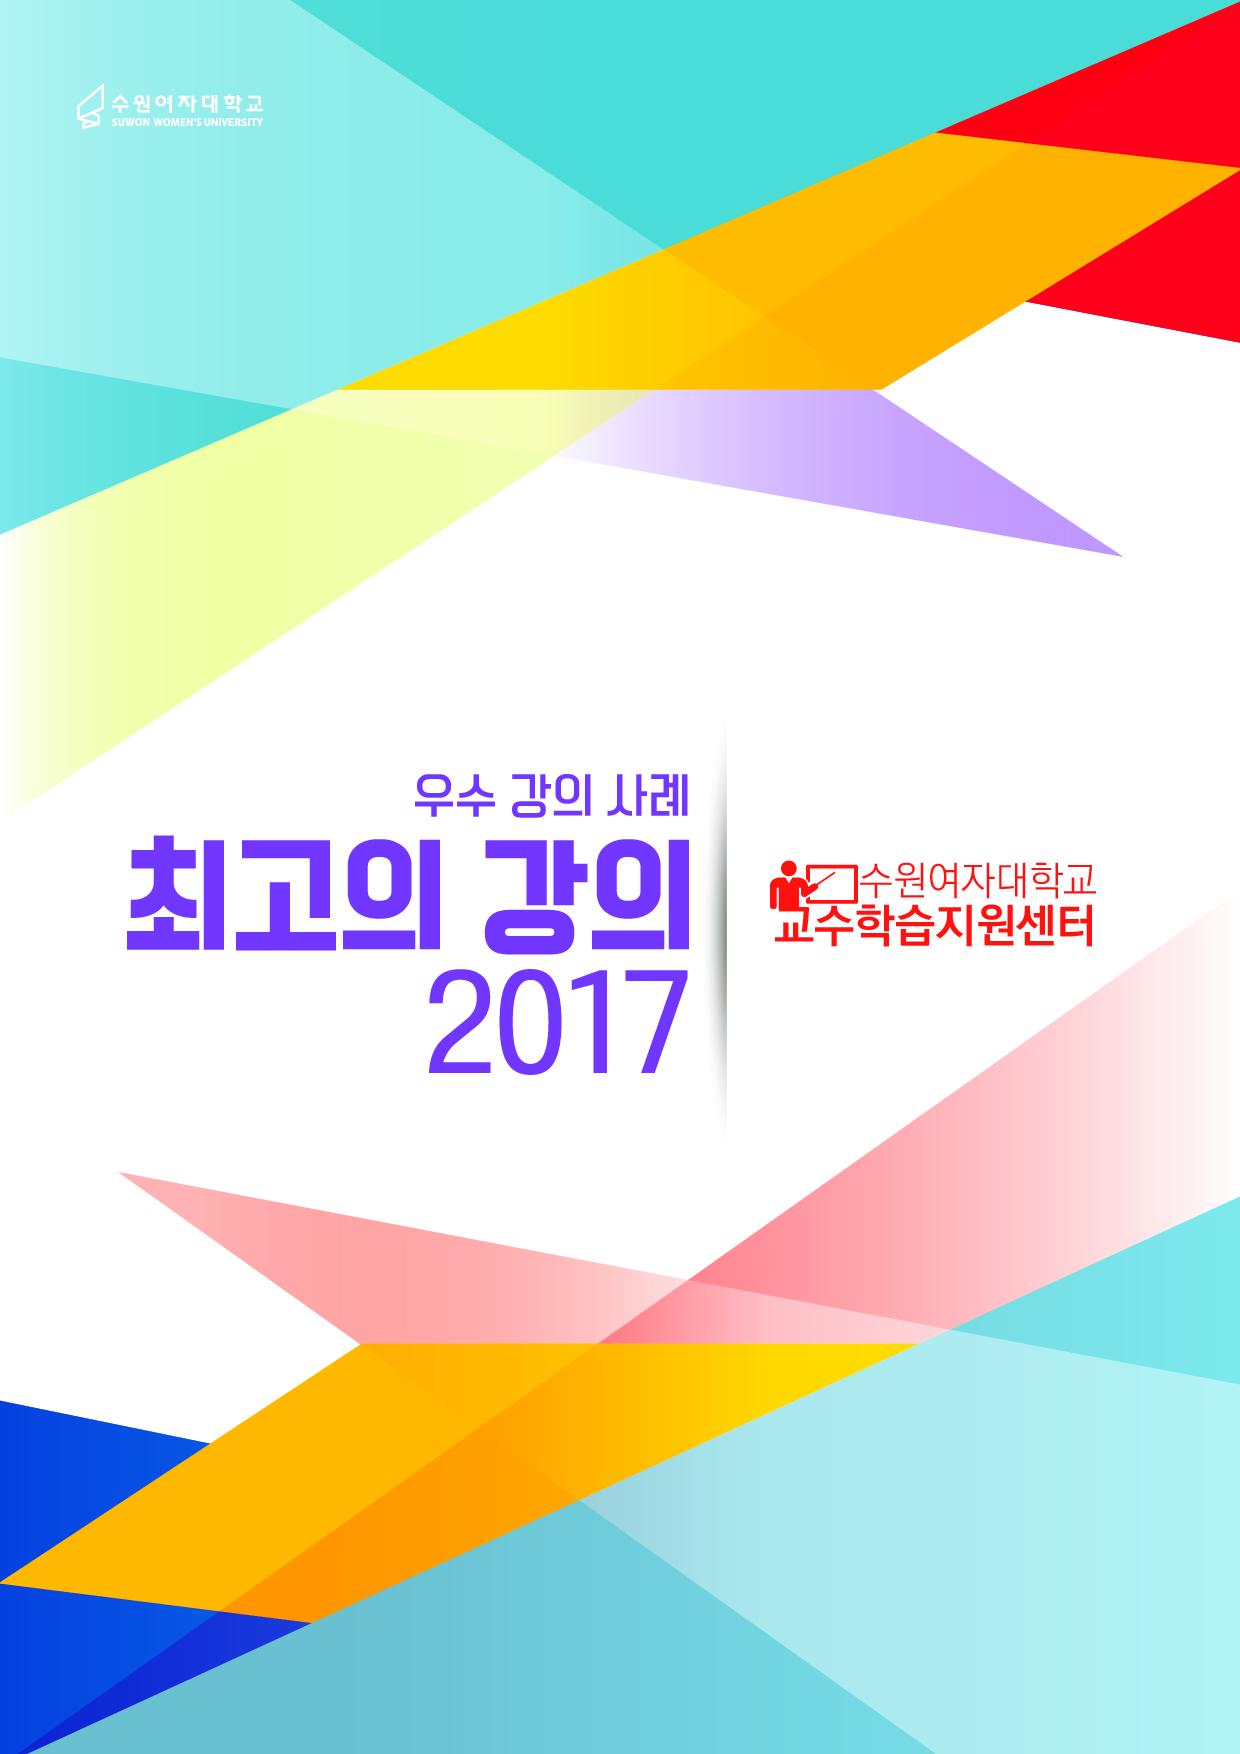 2017 최고의 강의 (우수 강의사례) : 2017 재학생 에세이 공모전 수상작